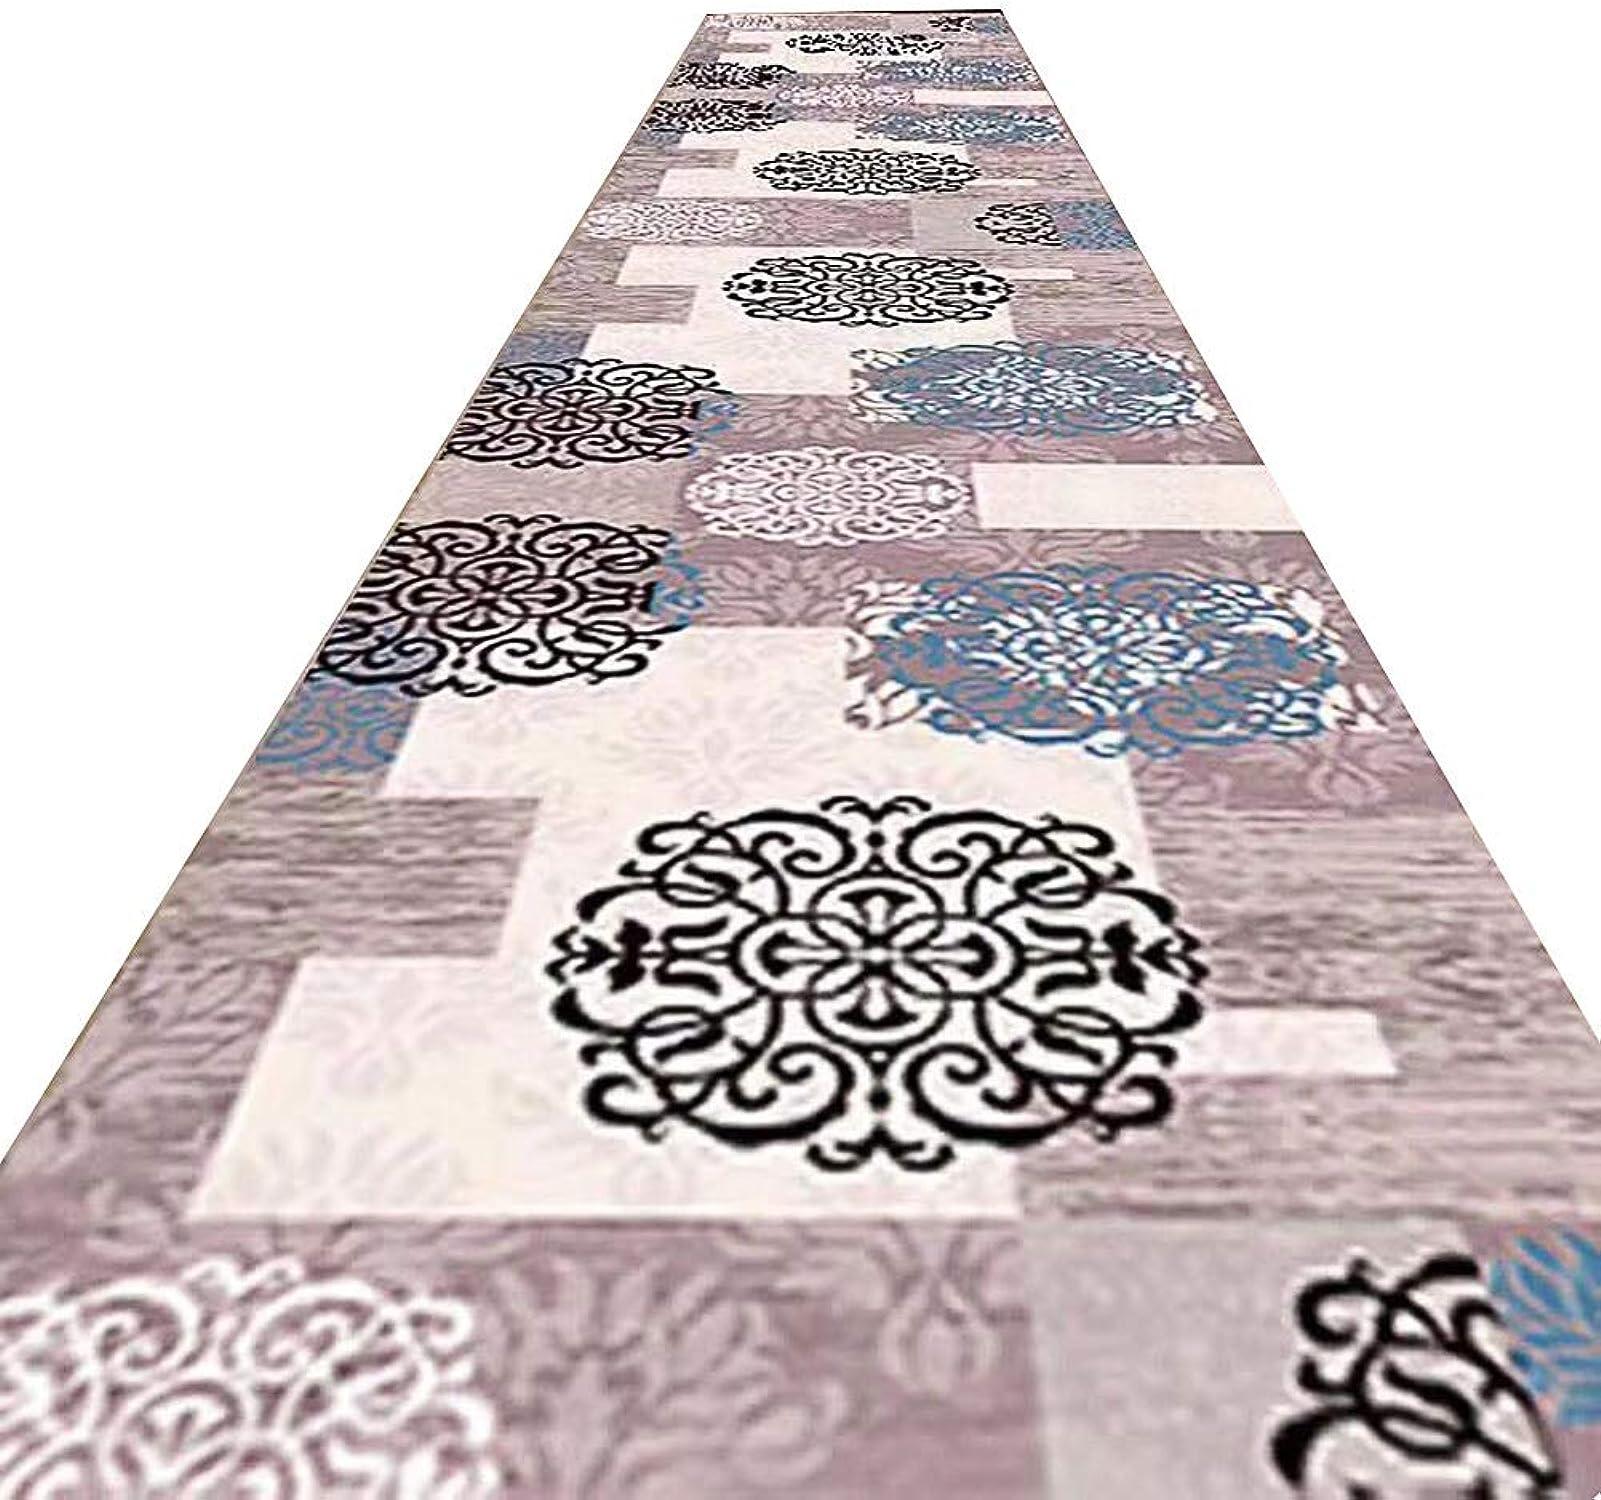 encuentra tu favorito aquí ZHAOHUI-alfombras pasillo Galería Diseo Floral Cuidado Facil Antideslizante A A A Prueba De Humedad Anti Estático, Personalizado, con 7mm De Altura (Color   A, Tamao   0.8x2m)  echa un vistazo a los más baratos